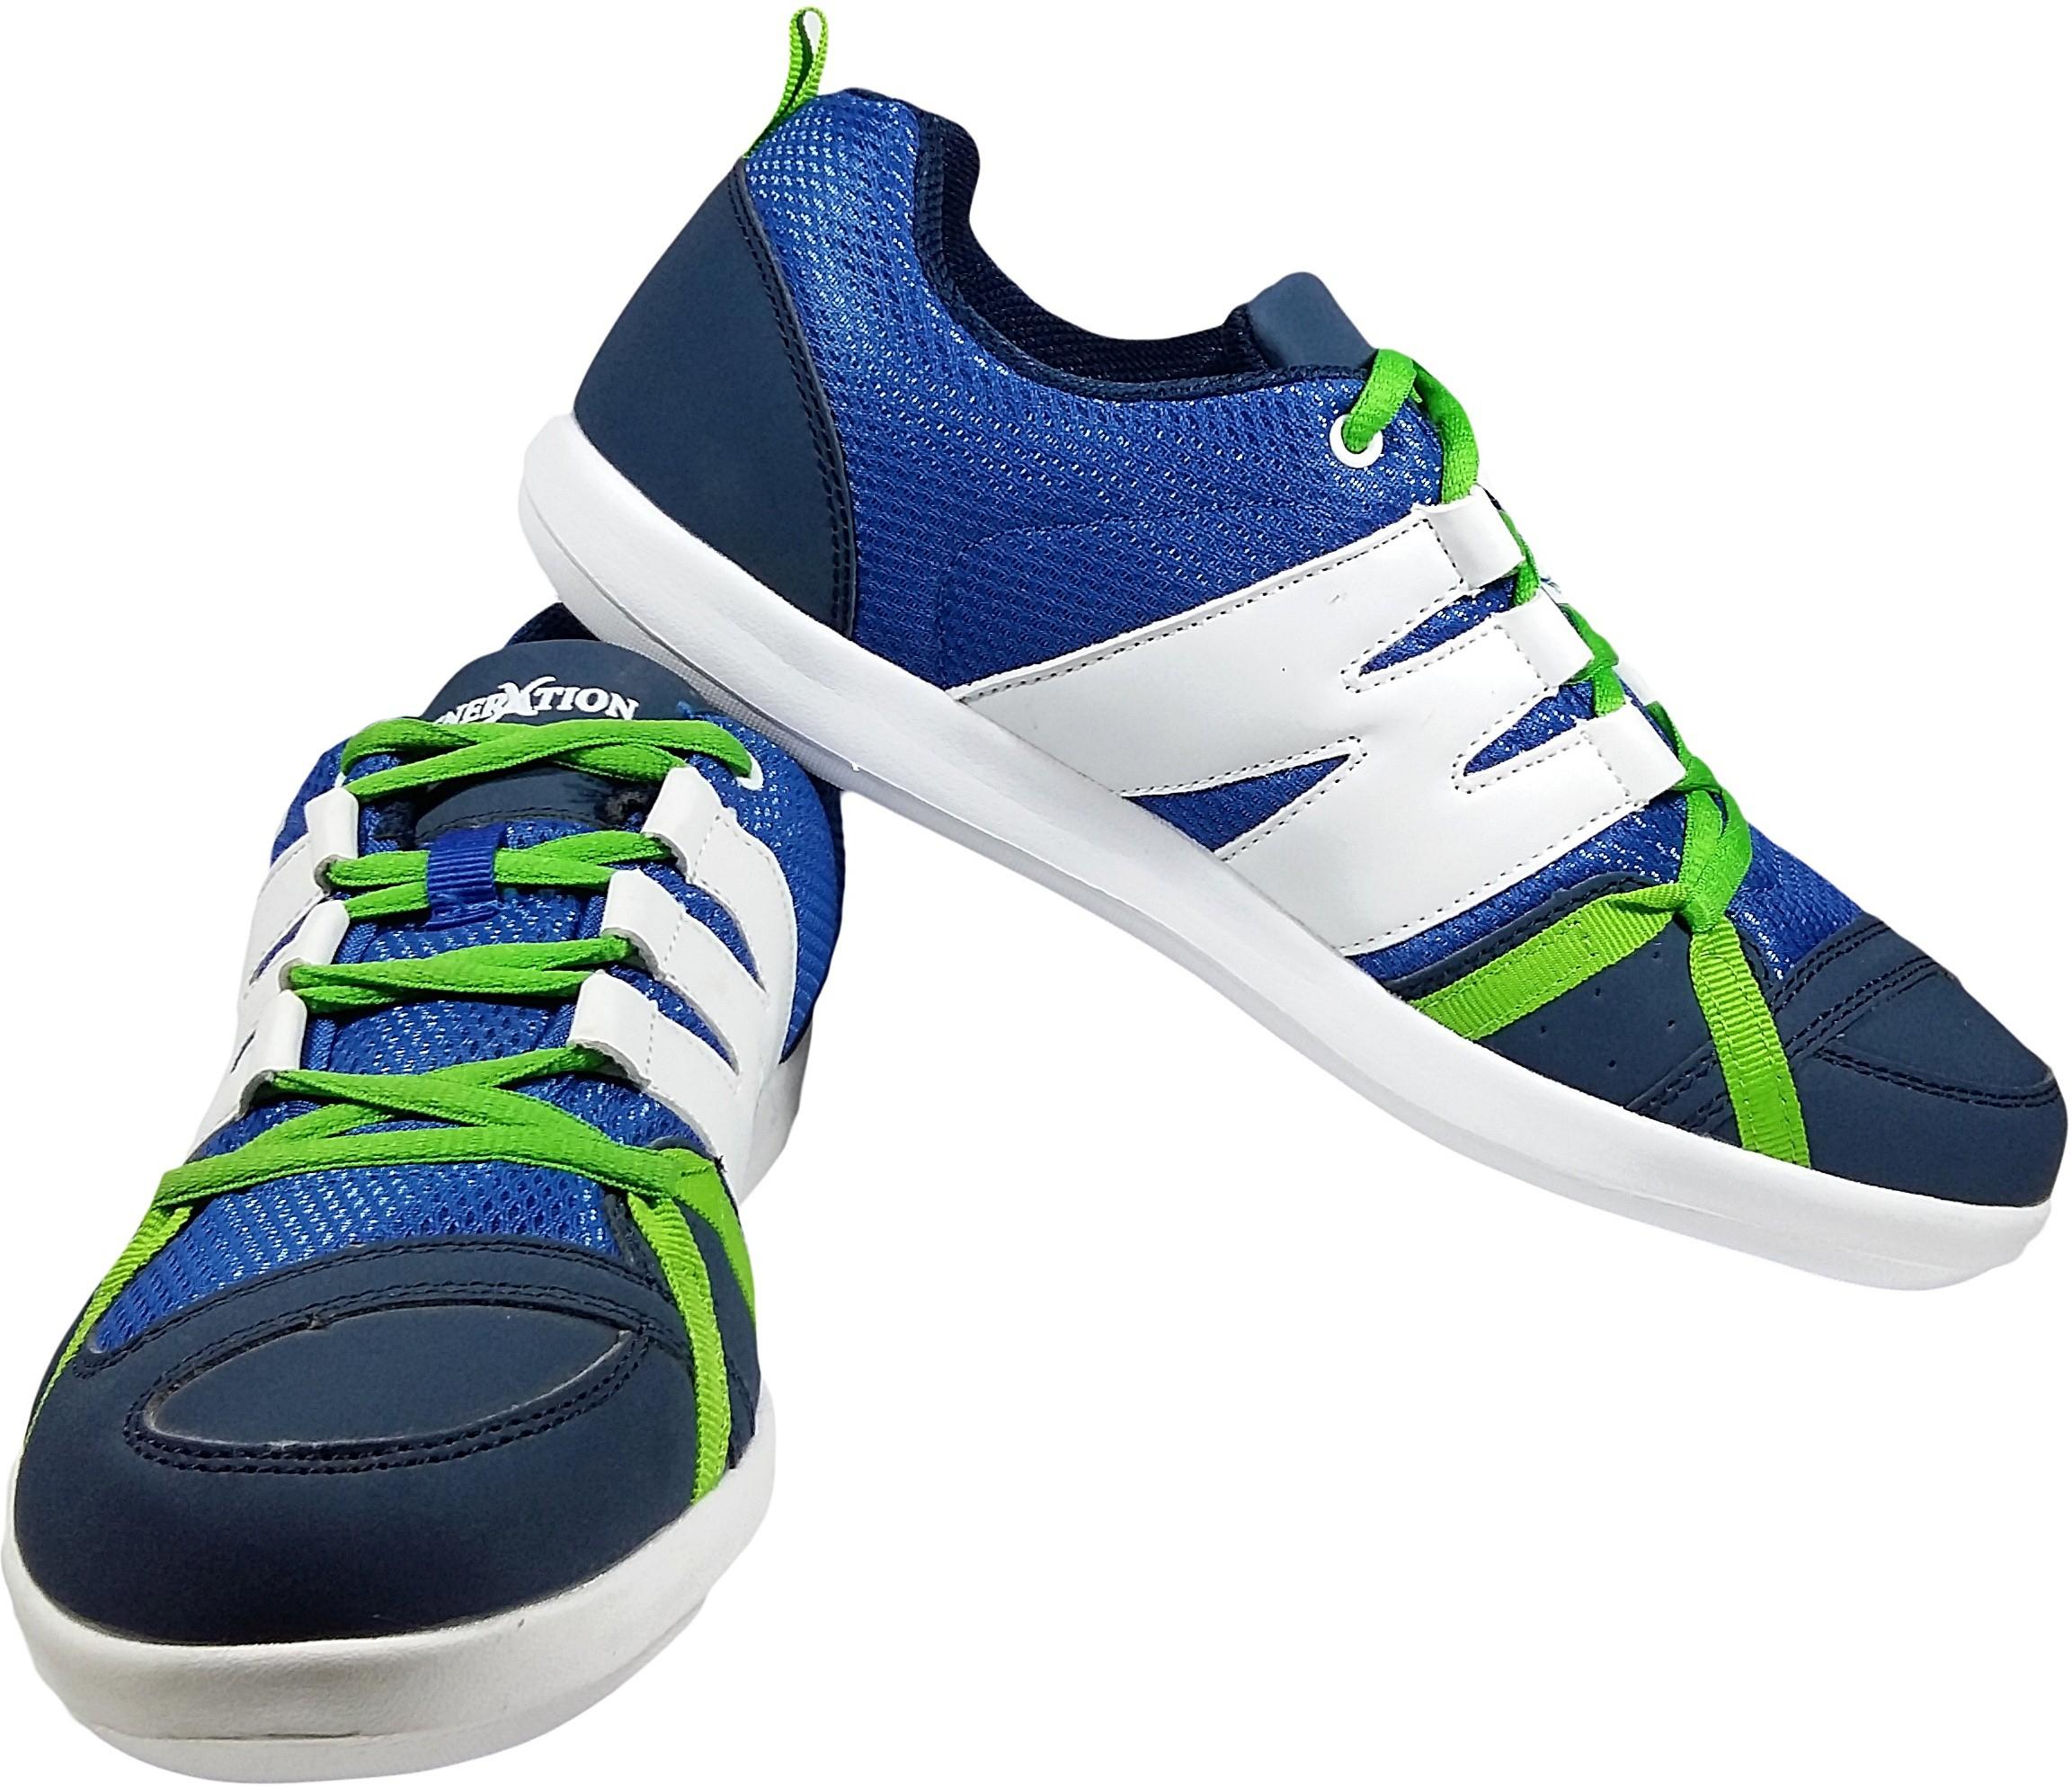 4e510052306 Buy Generation X Running Shoes on Flipkart